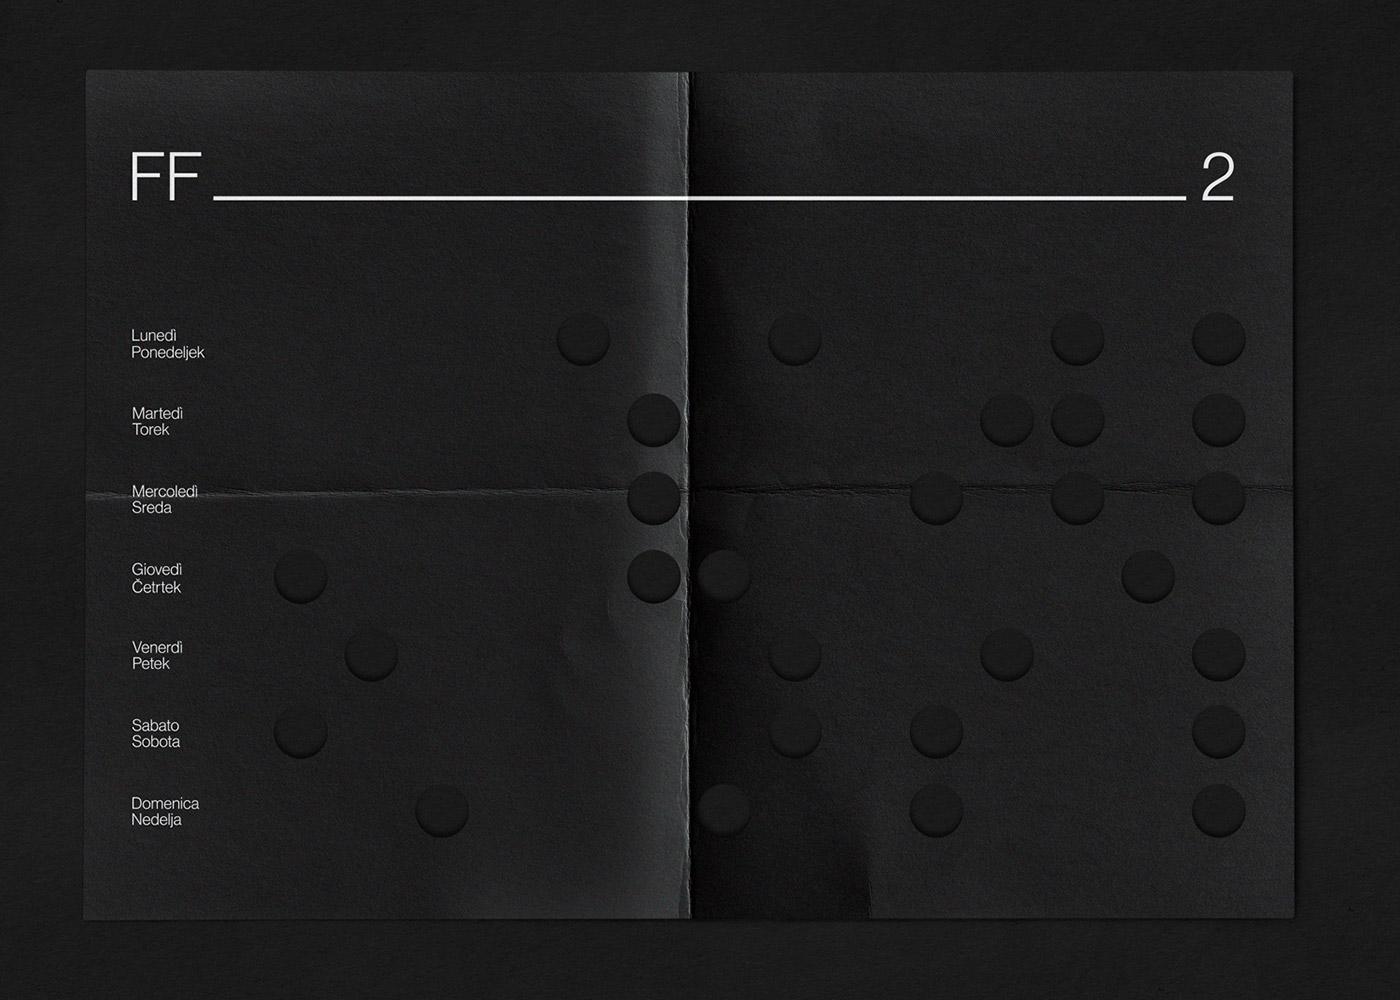 calendario grafica goriziana interattivo